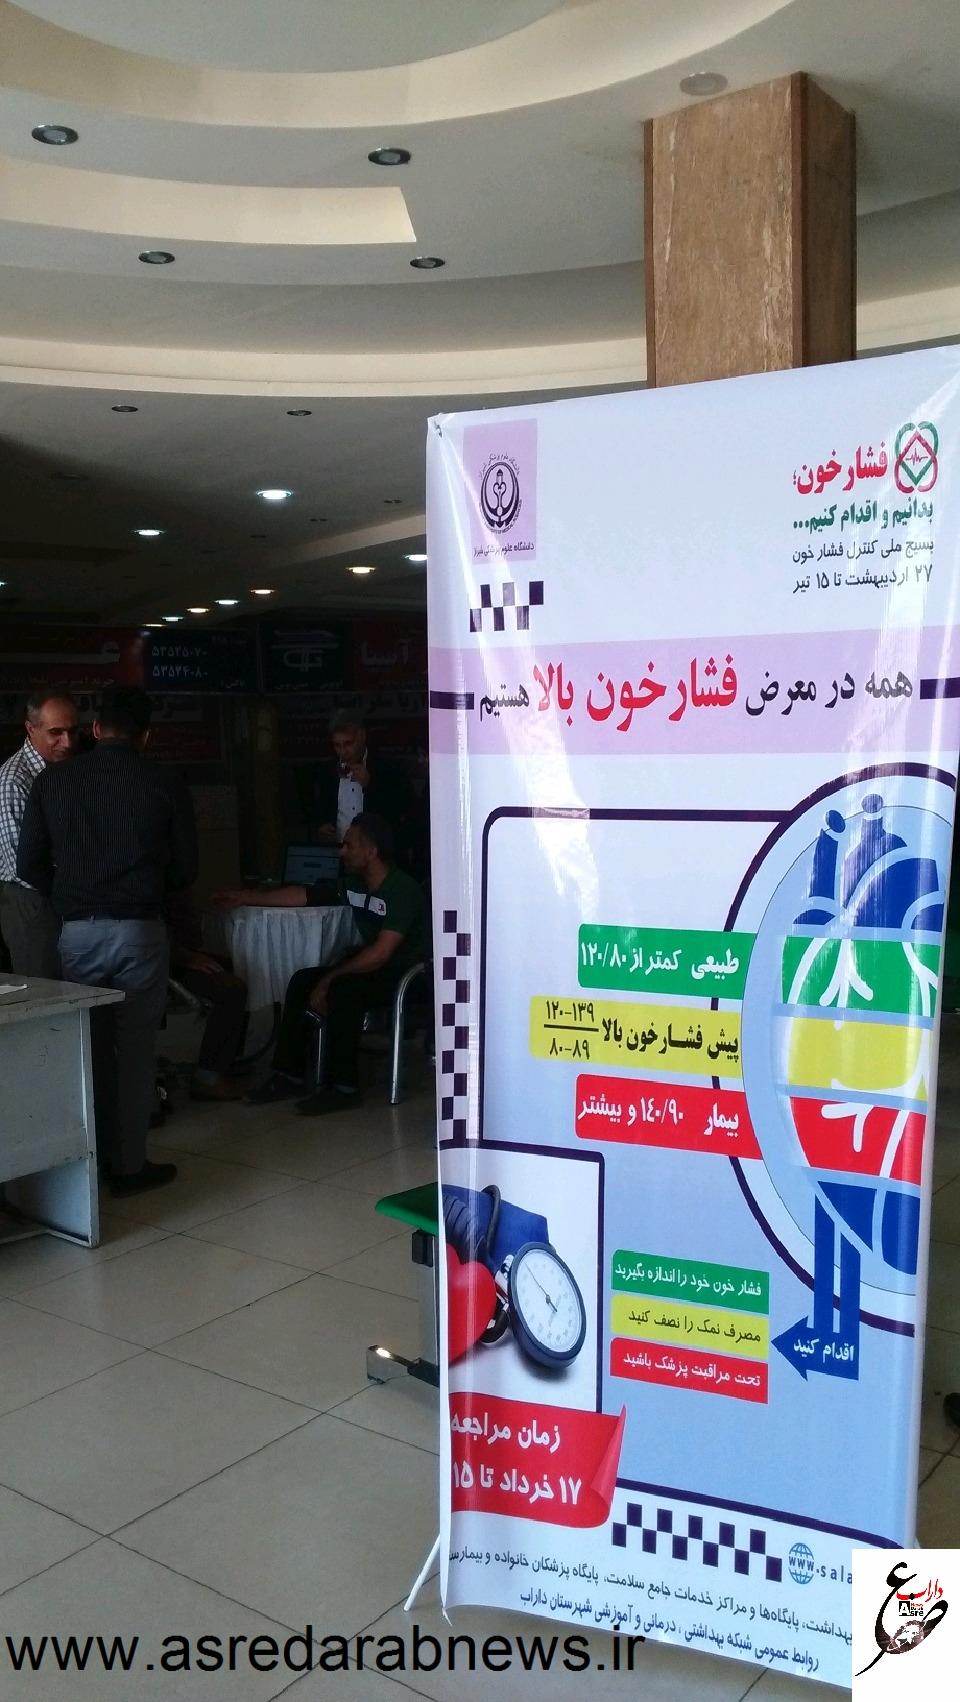 زاهدانی رئیس شبکه بهداشت و درمان داراب در حاشیه بازدید از طرح بسیج ملی کنترل فشار خون مطرح کرد: از هر ۱۰ نفر ۶ نفر فشارخون بالا دارند که اطلاعی از آن ندارند